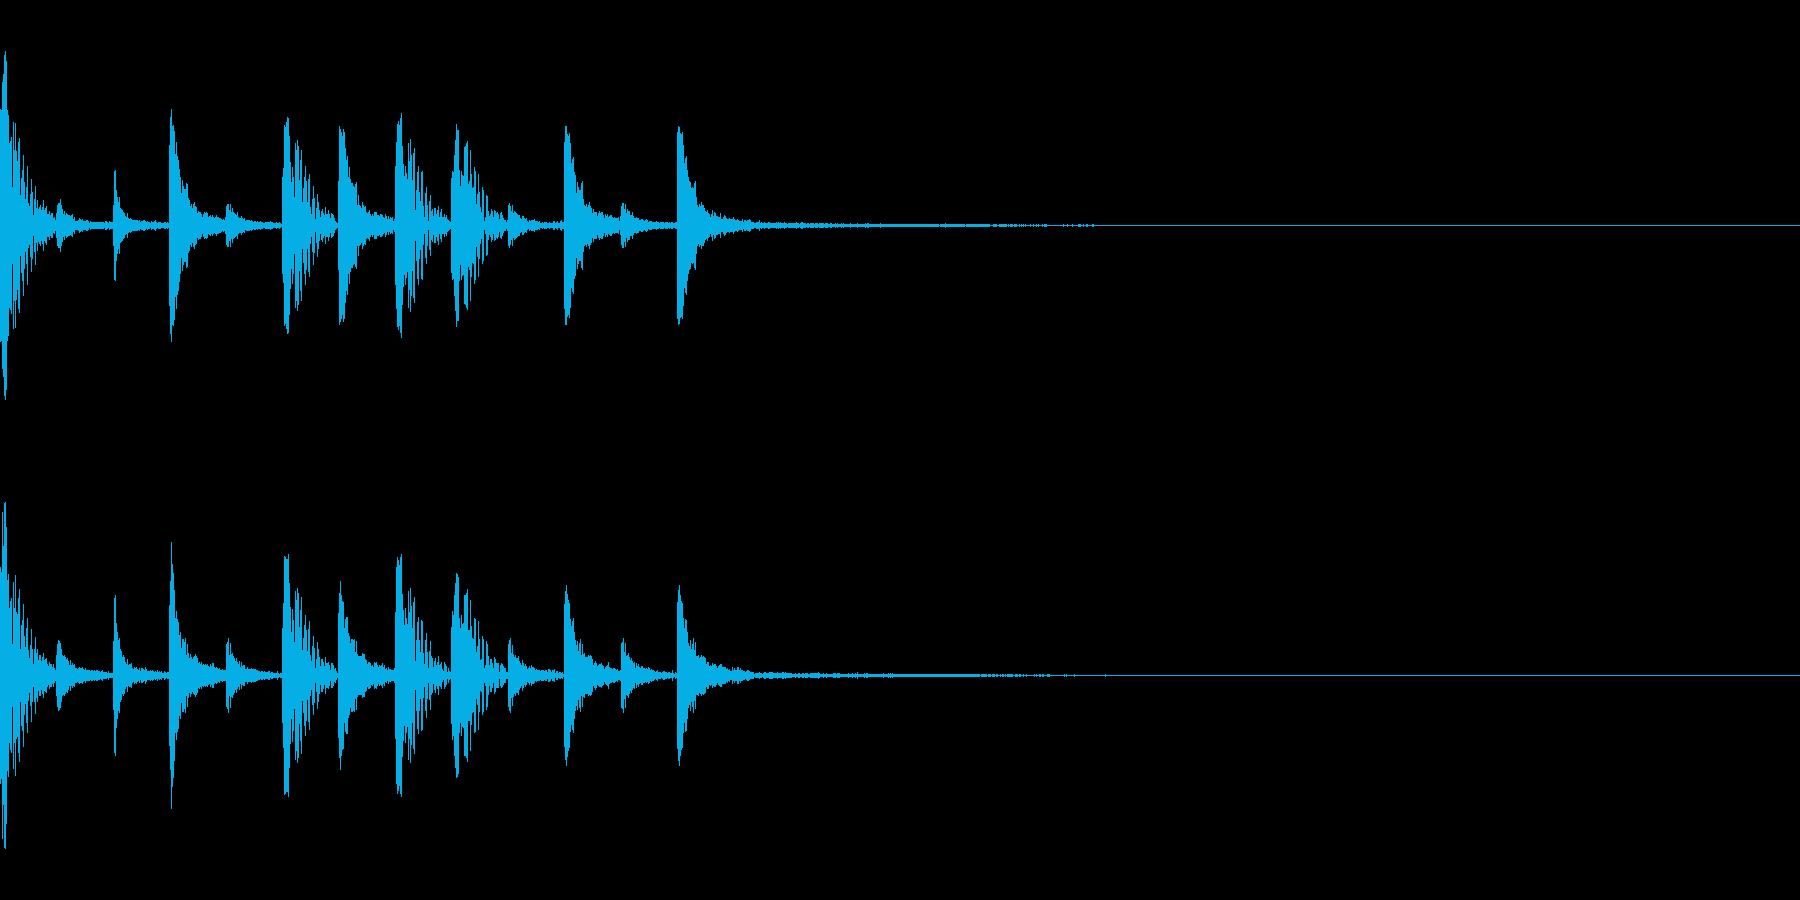 スローな8ビートドラム オープニングなどの再生済みの波形